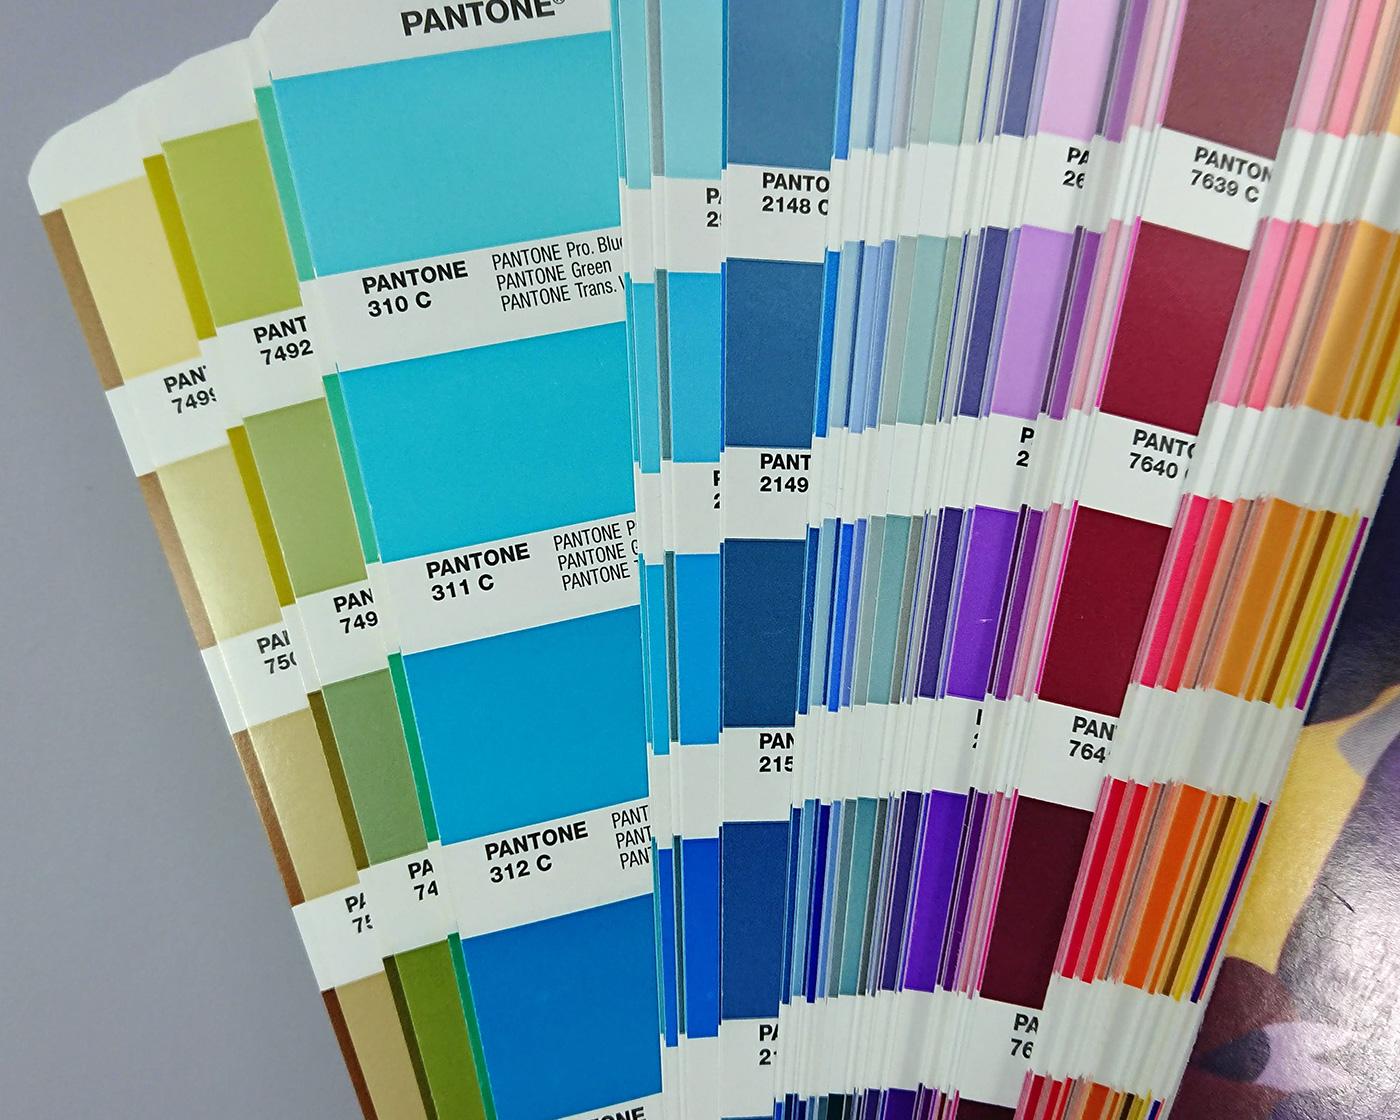 Pantone-Inks-in-Print